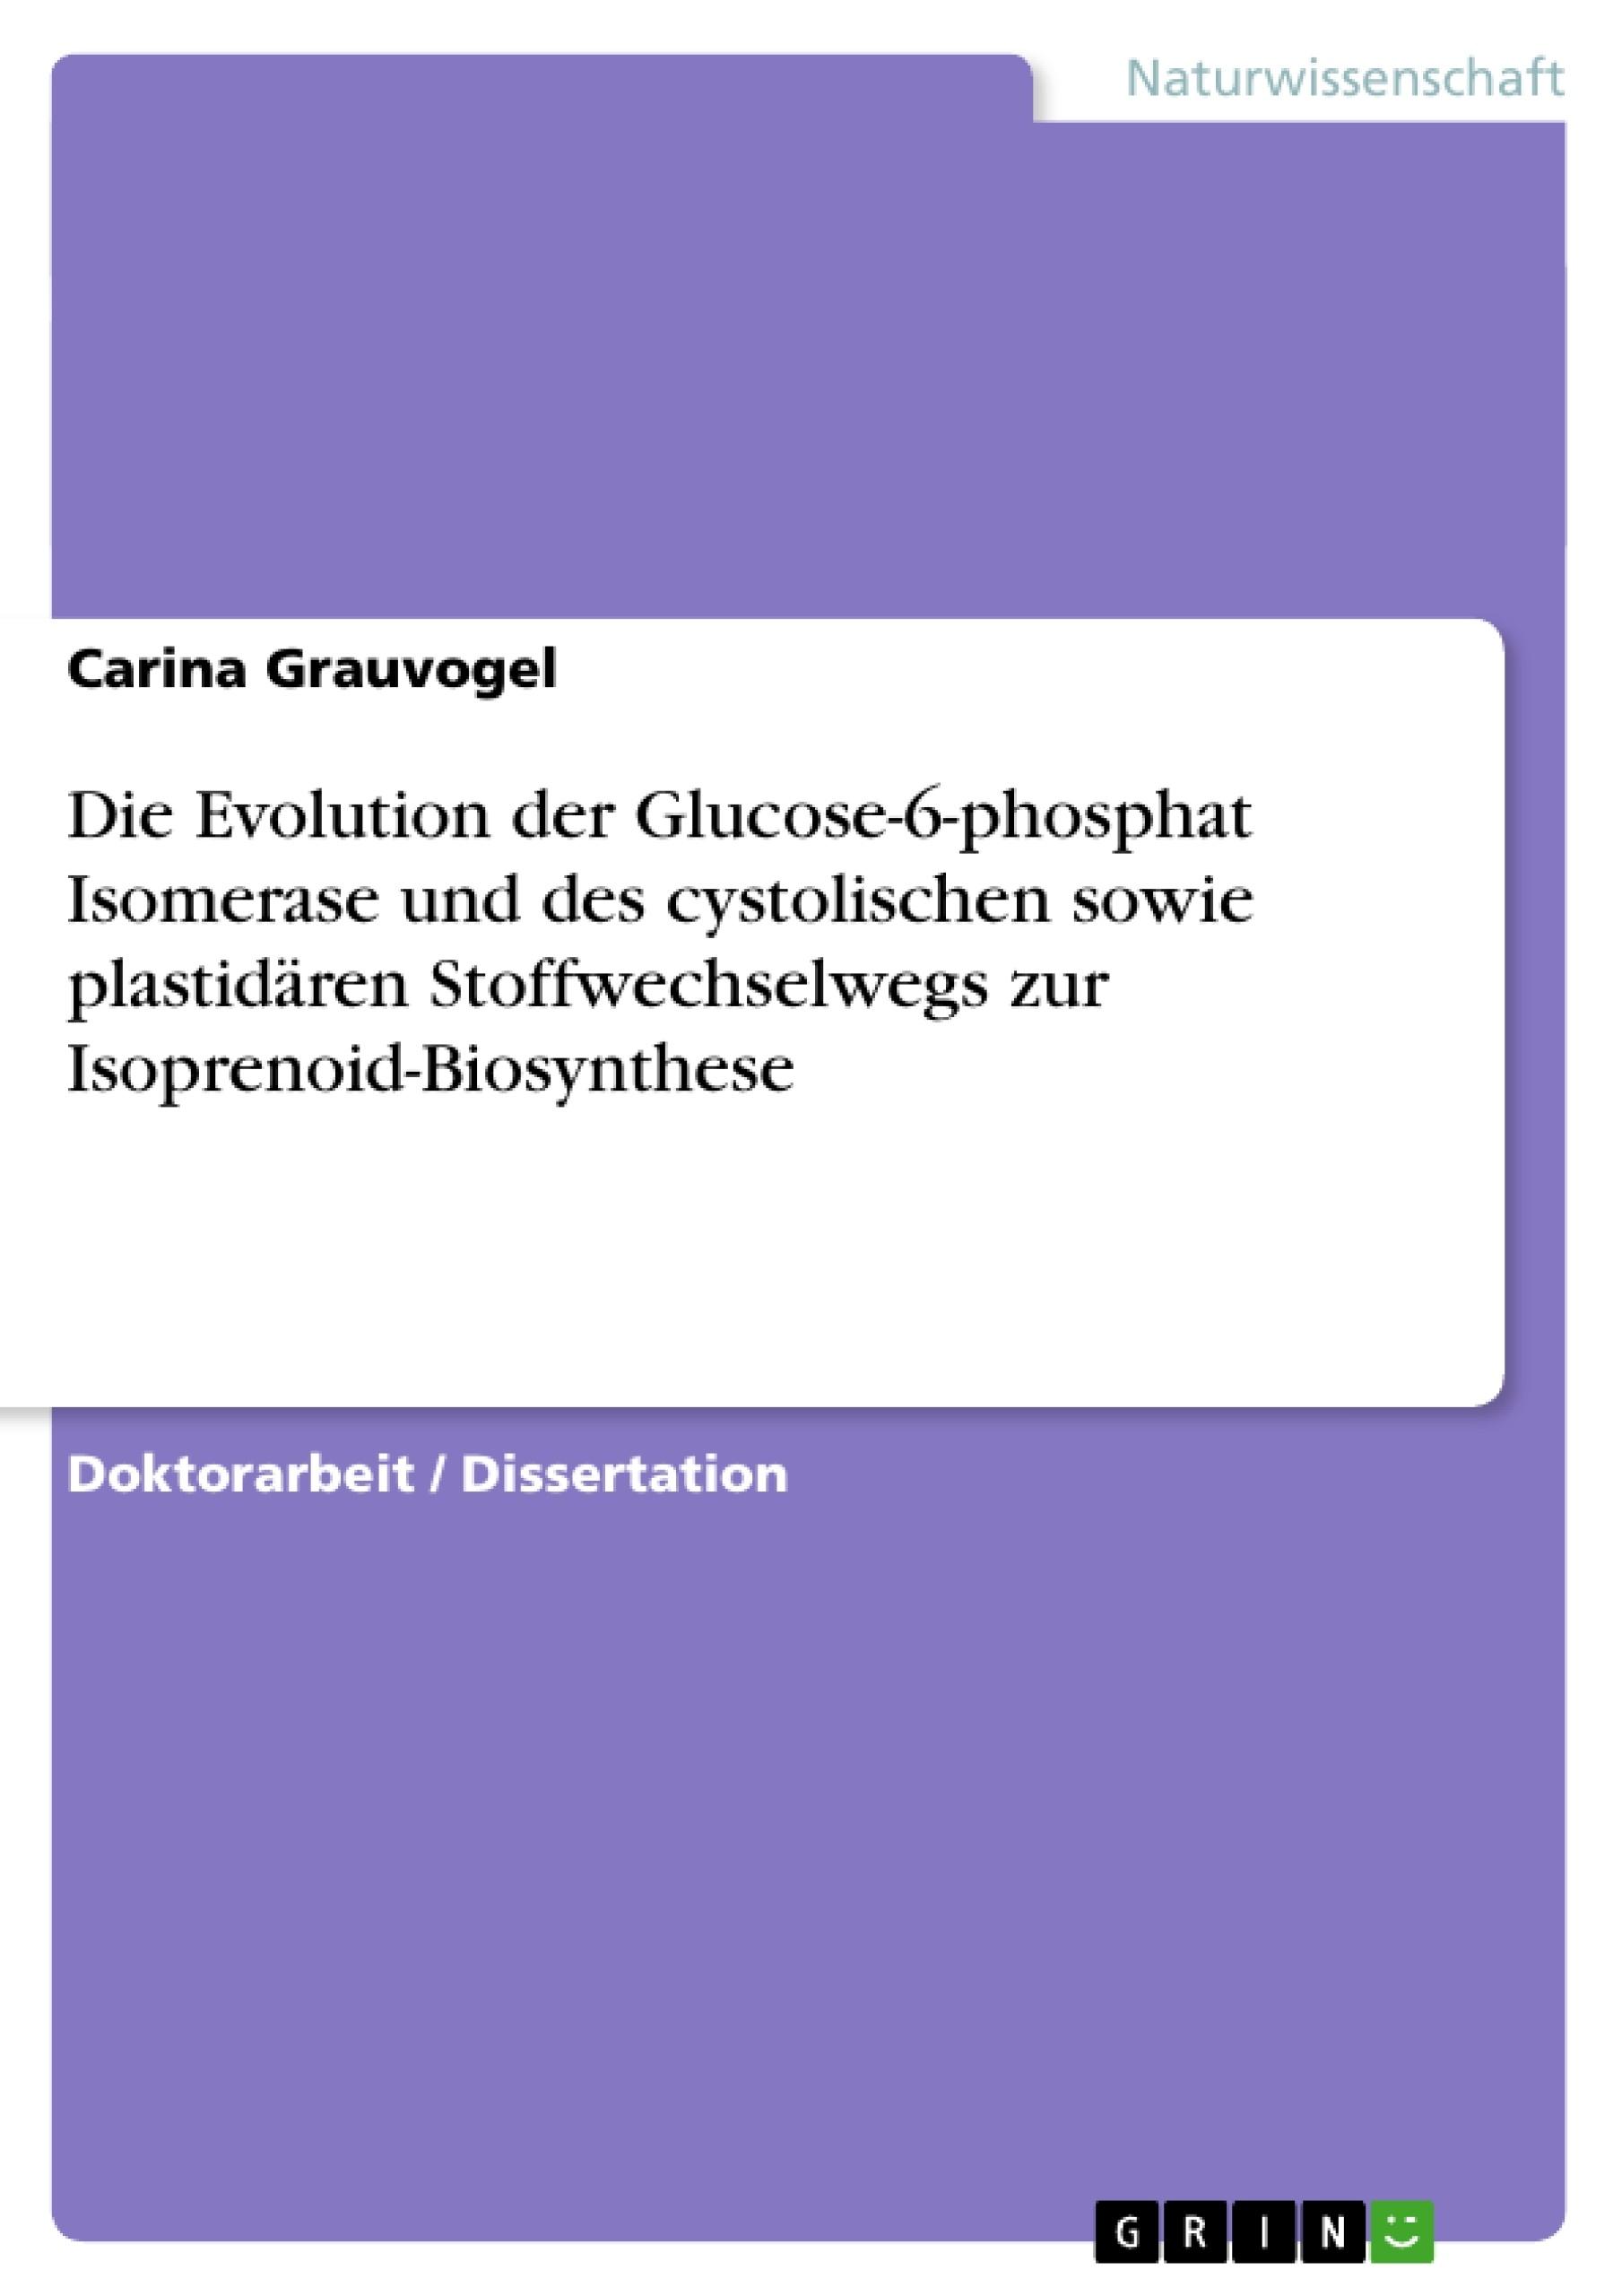 Titel: Die Evolution der Glucose-6-phosphat Isomerase und des cystolischen sowie plastidären Stoffwechselwegs zur Isoprenoid-Biosynthese